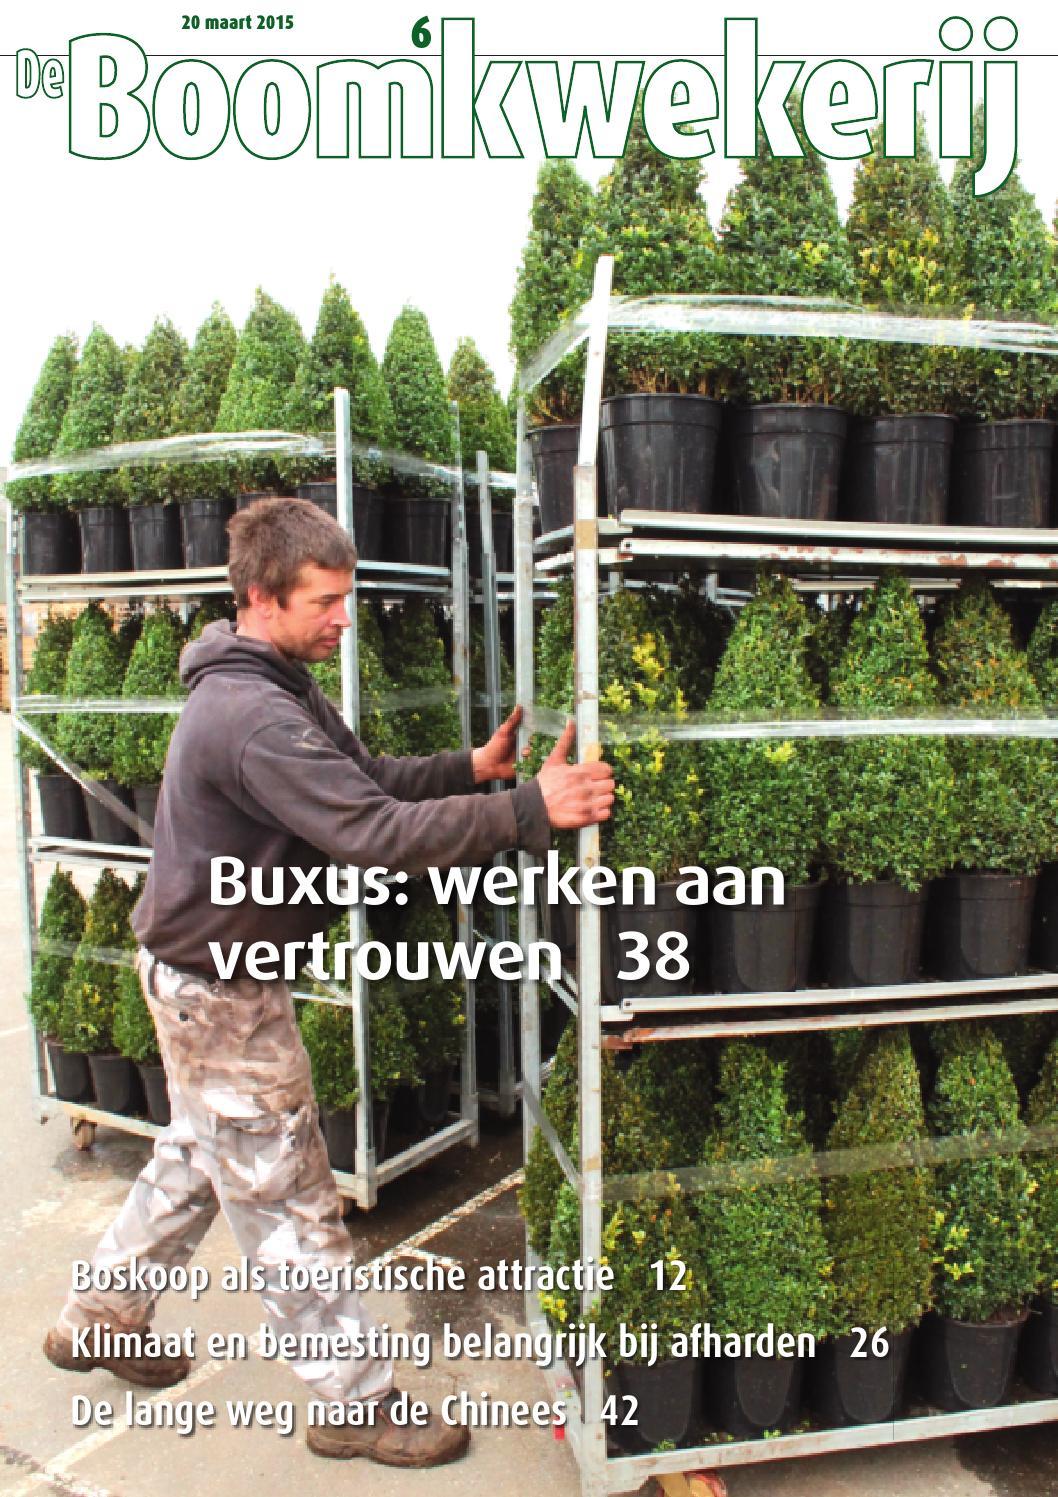 BKW_21-2015 by Stichting Vakinformatie Siergewassen - issuu